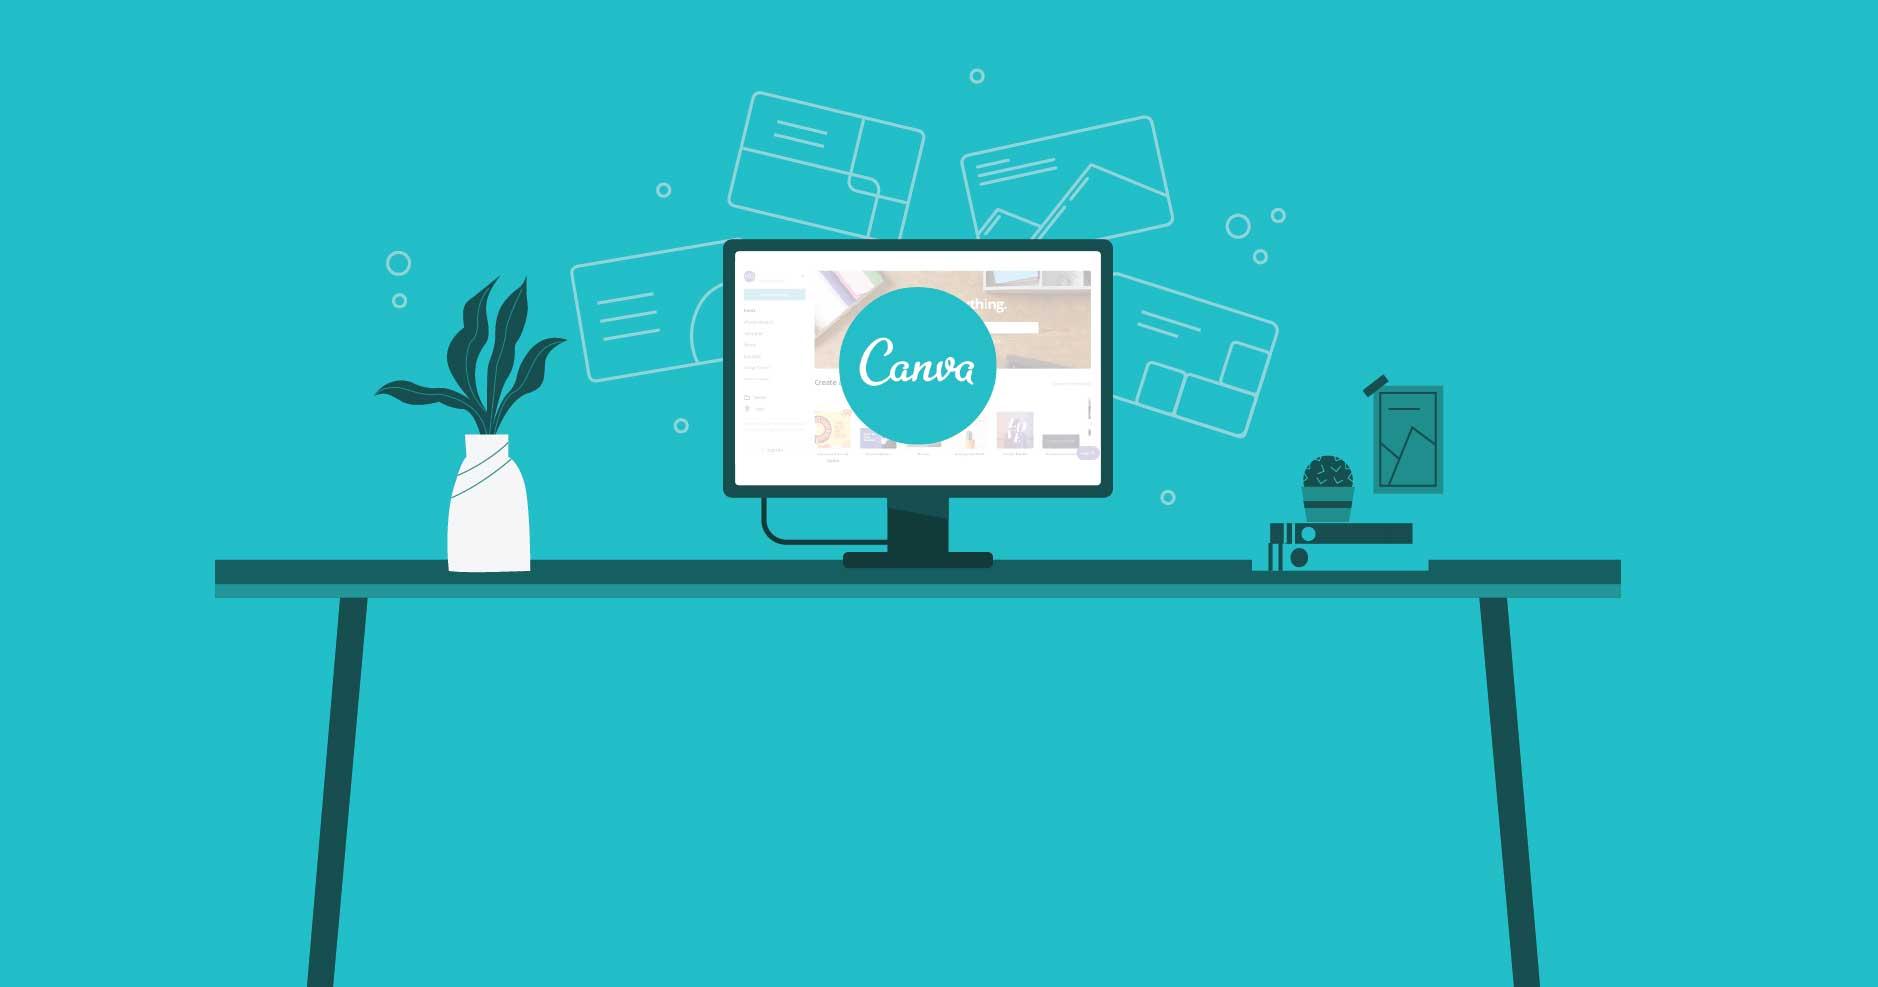 Phần mềm ghép ảnh trên máy tính Canva